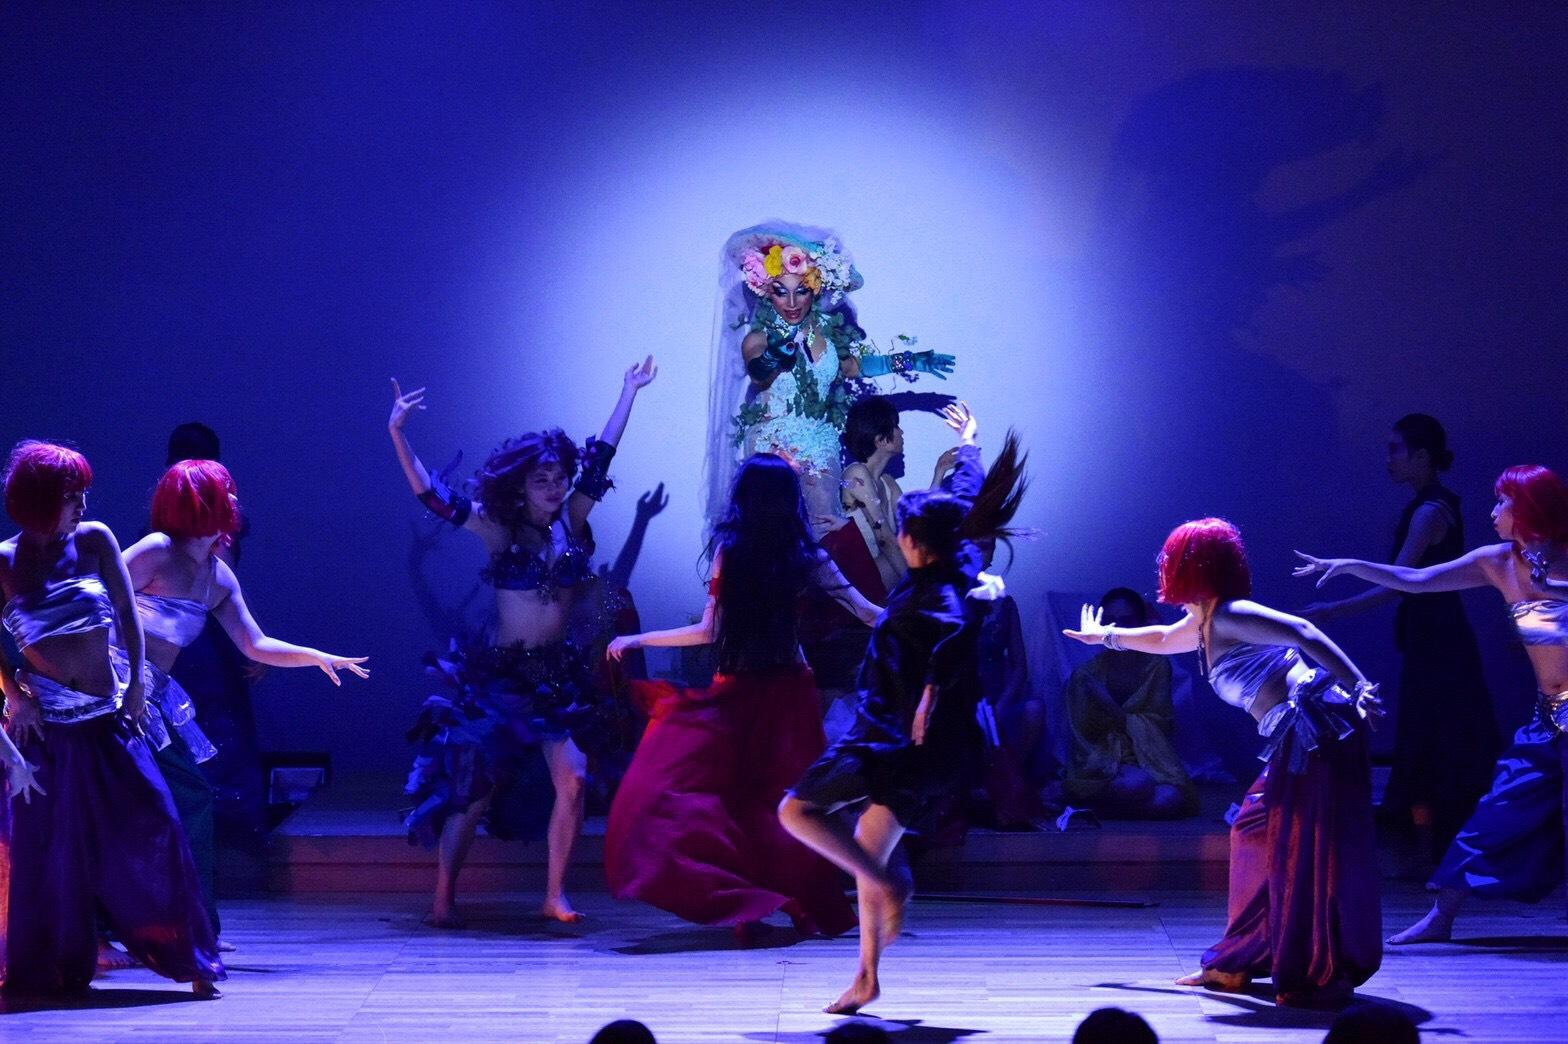 摩訶不思議なダンス・ショウ「Secret Garden ⅲ」 写真集を作りたい!